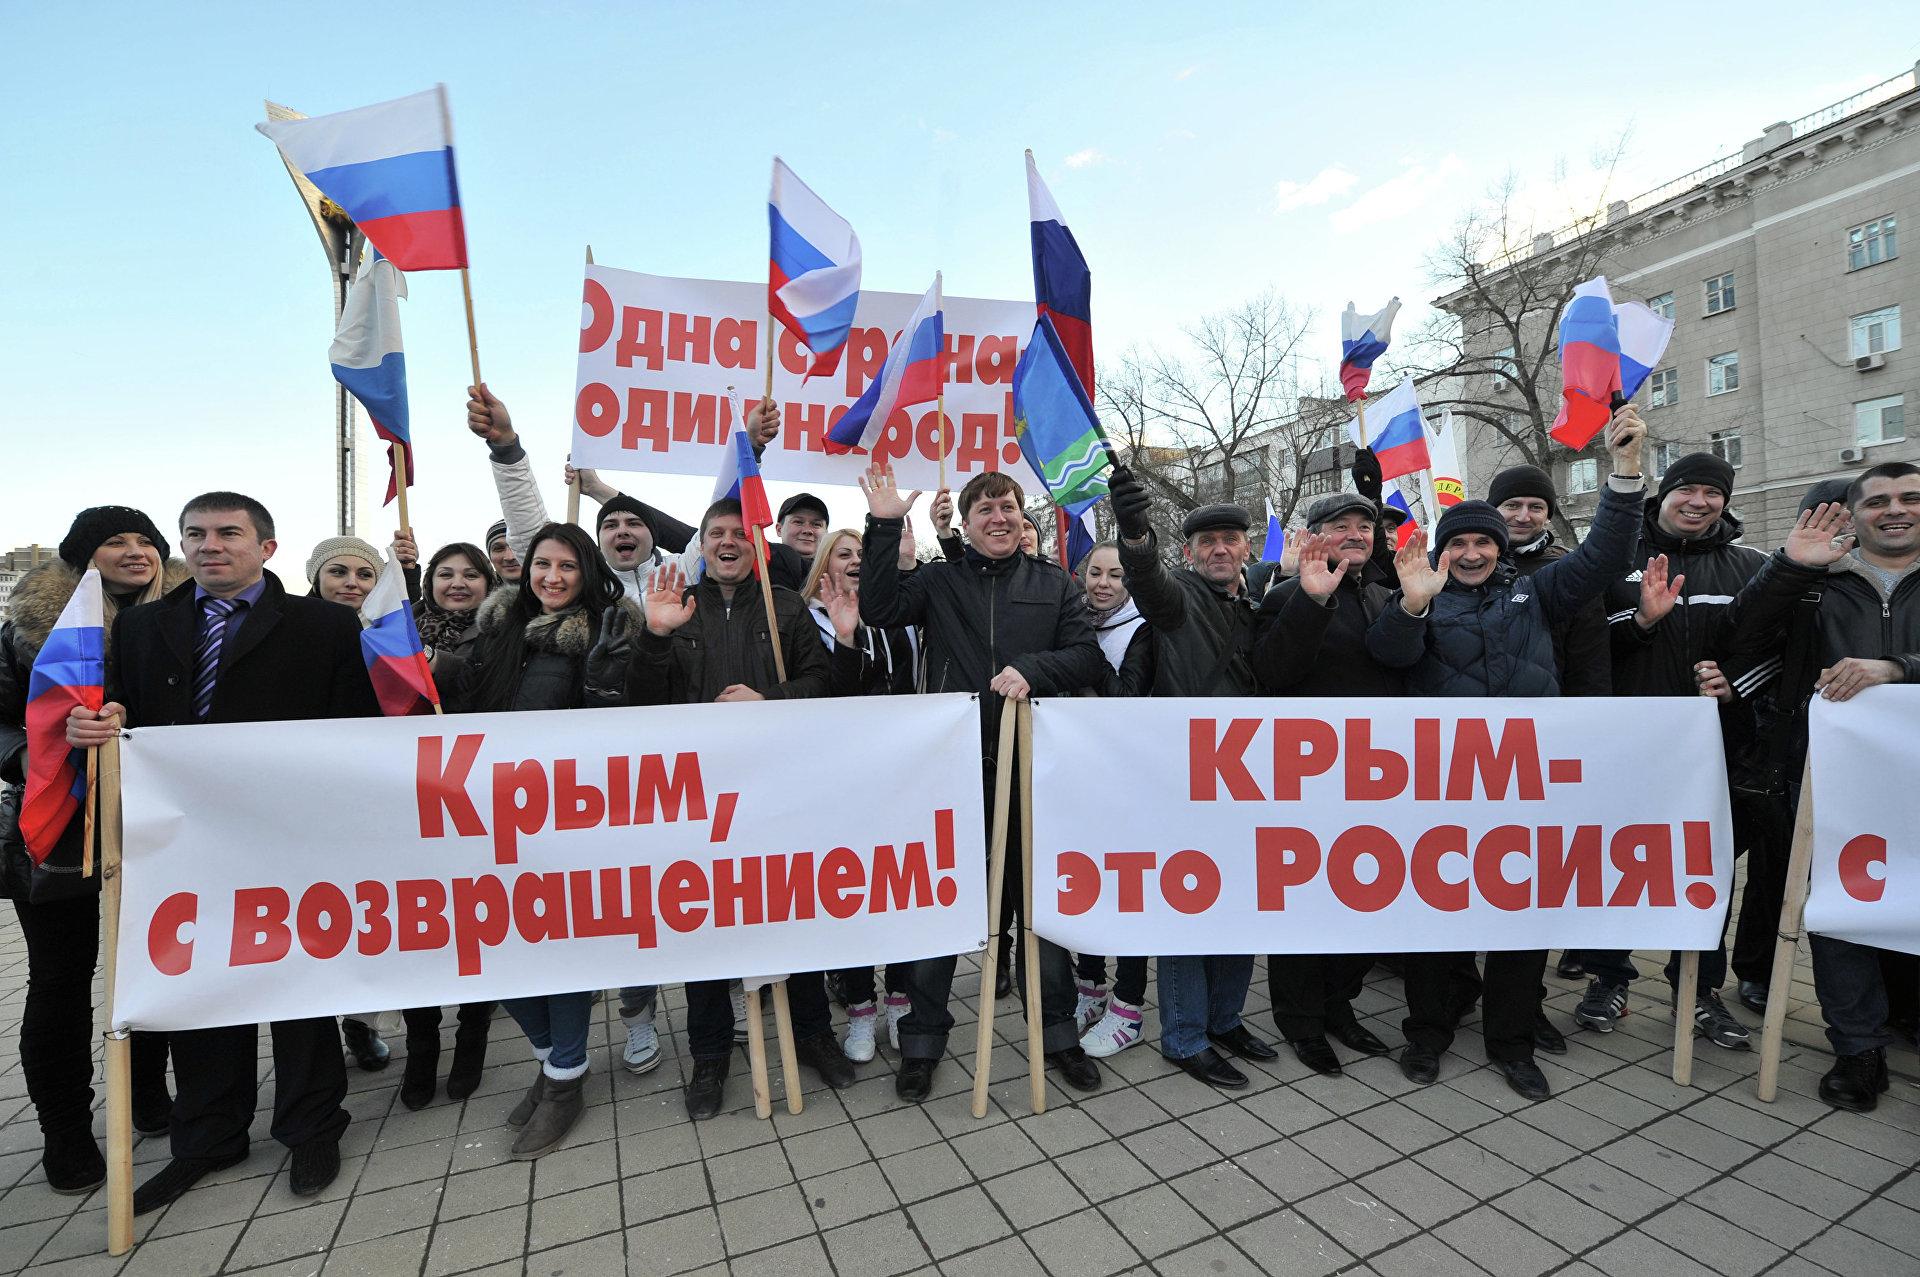 Санкции США против России в Крыму назвали бессилием